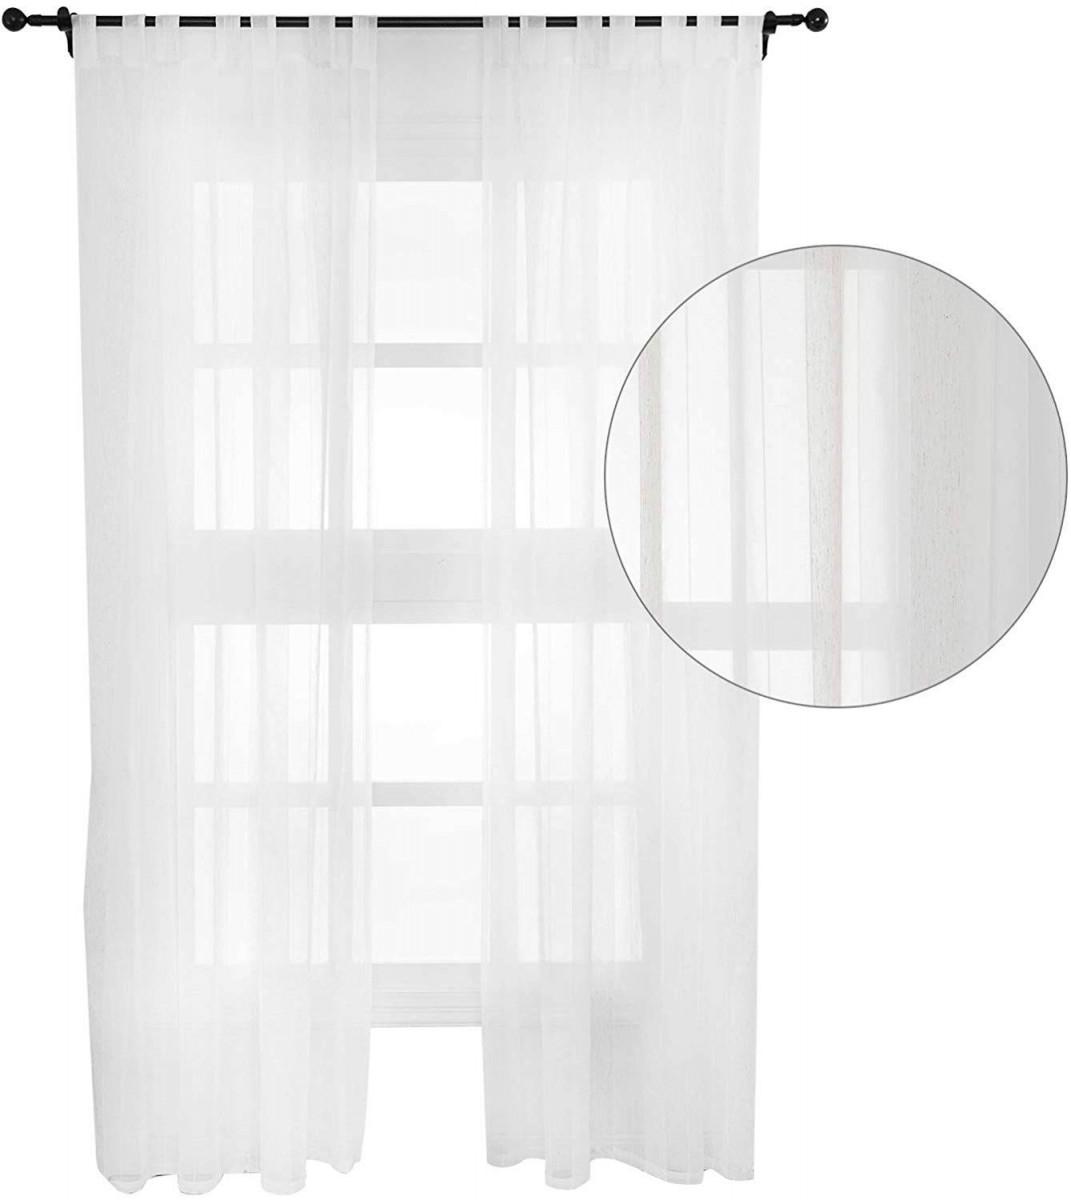 2Erset Gardinen Transparent Mit Schlaufen Für Wohnzimmer von Gardinen Wohnzimmer Mit Schlaufen Photo